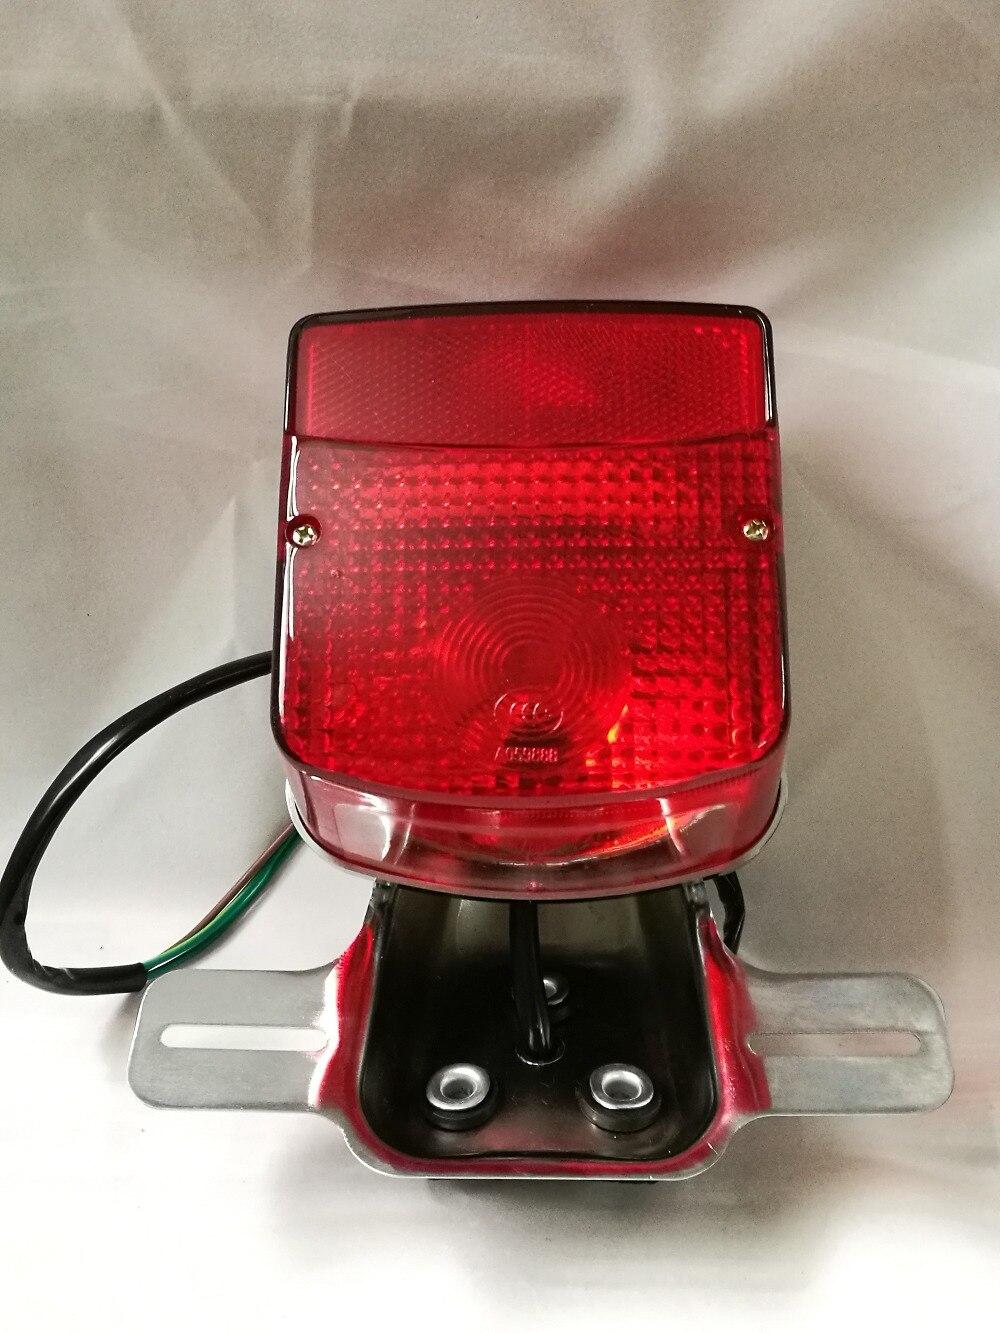 NOVÉ TAIL LIGHT / LAMP ZADNÍ SVĚTLO / BRZDOVÉ SVĚTLO JEDNOTKA KOMPLETNÍ KVALITA OEM pro GN125 GN 150